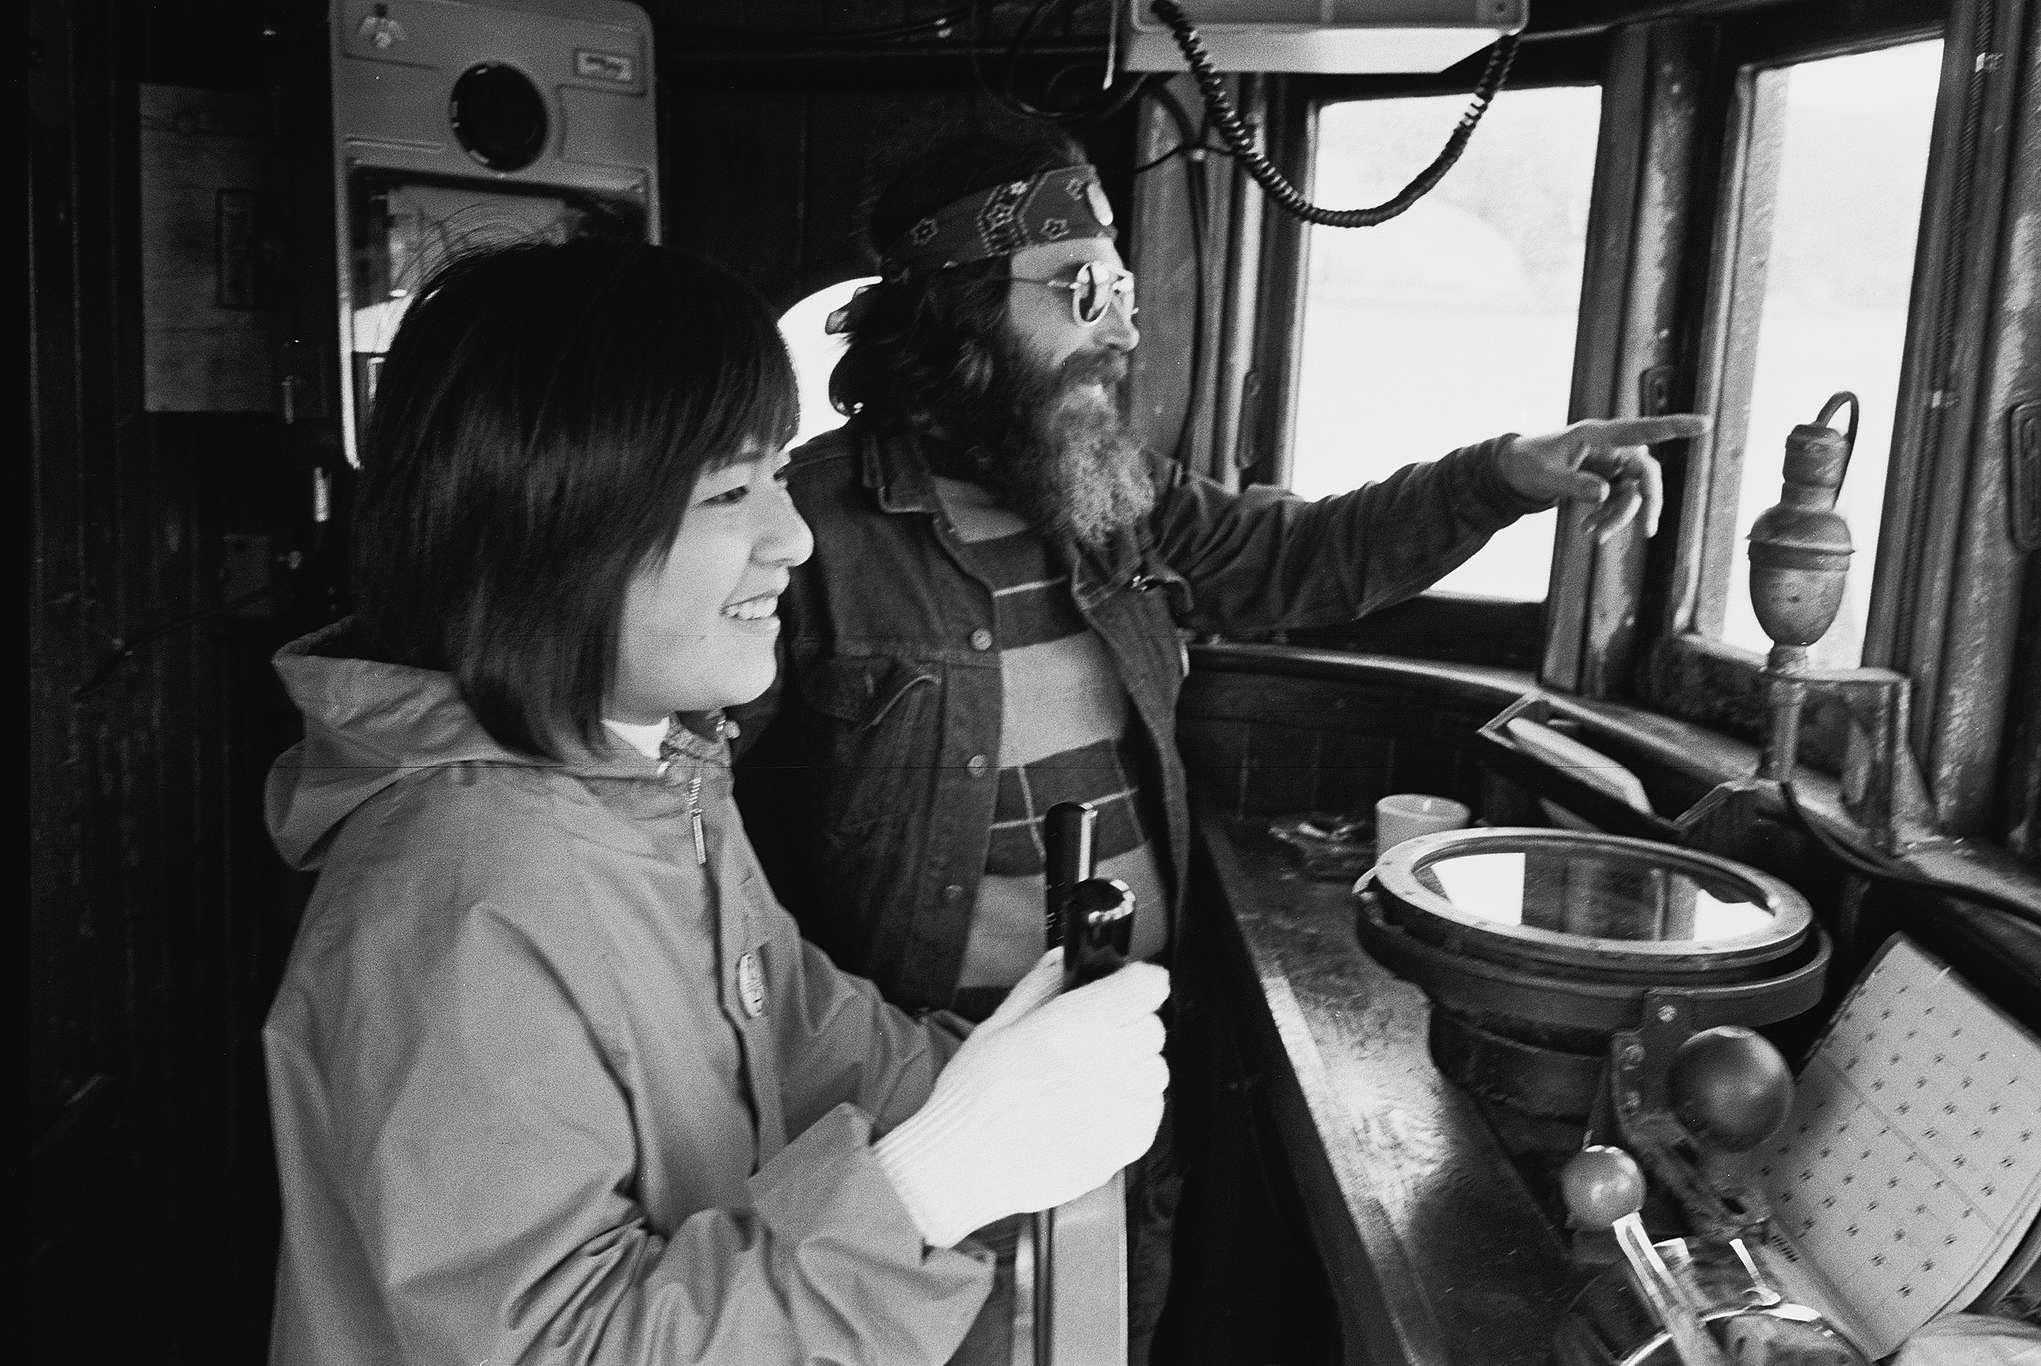 Melville Gregory e Taeko Miwa na cabine do navio em 1975.